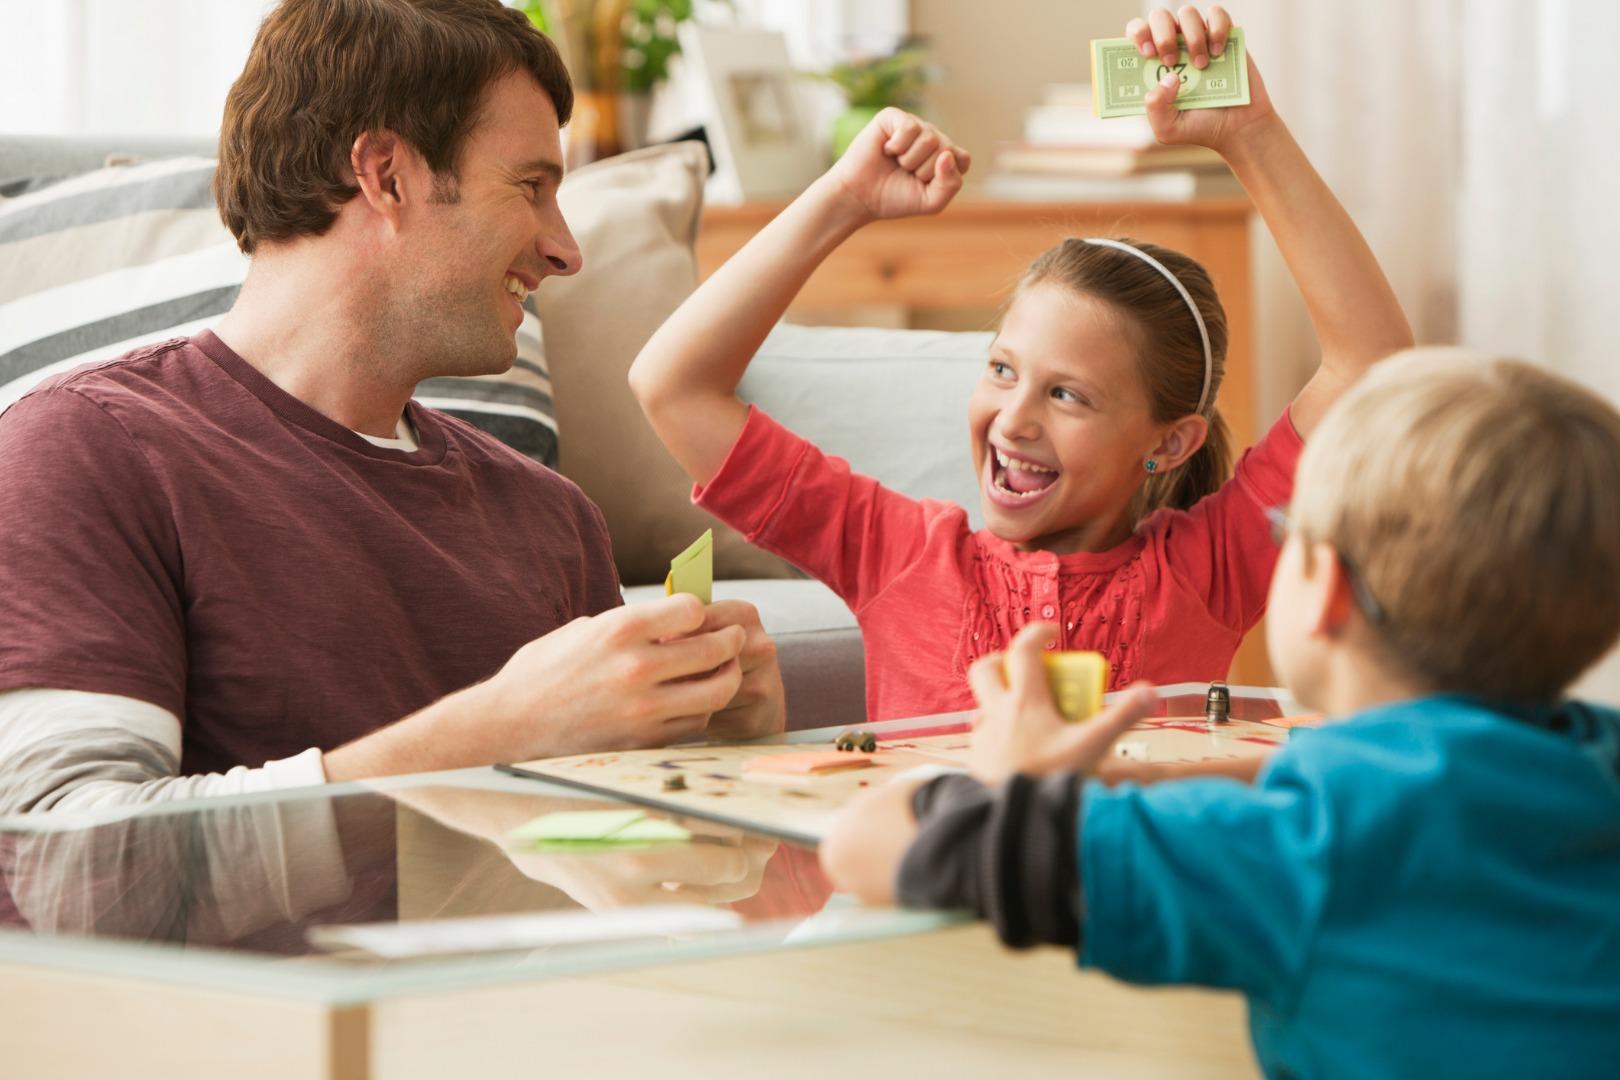 Юные бизнесмены: 7 экономических игр для детей